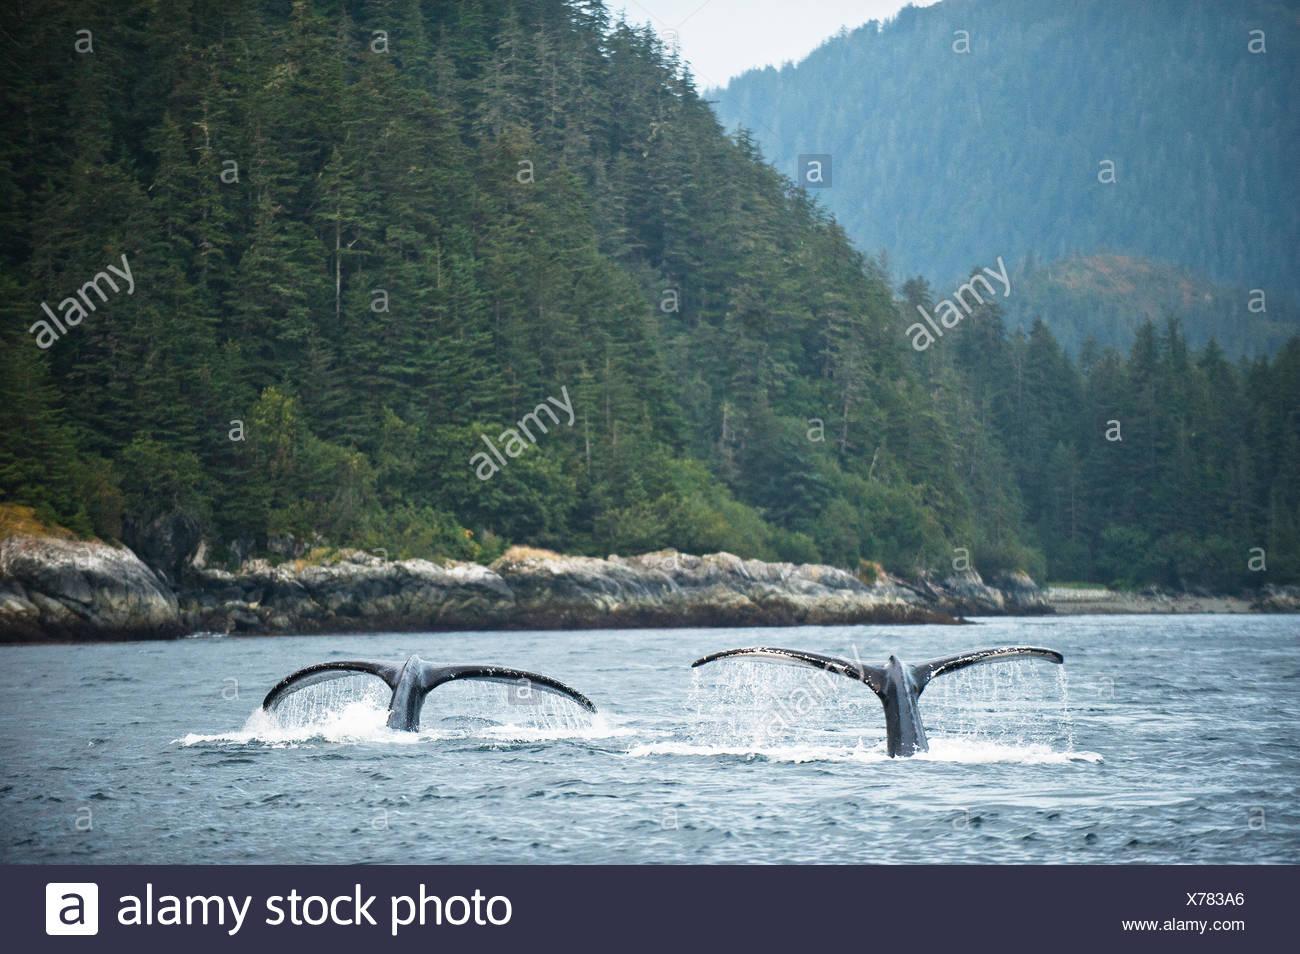 Humpback Whale immergersi per alimentare in corrente di forte intensità. Immagini Stock